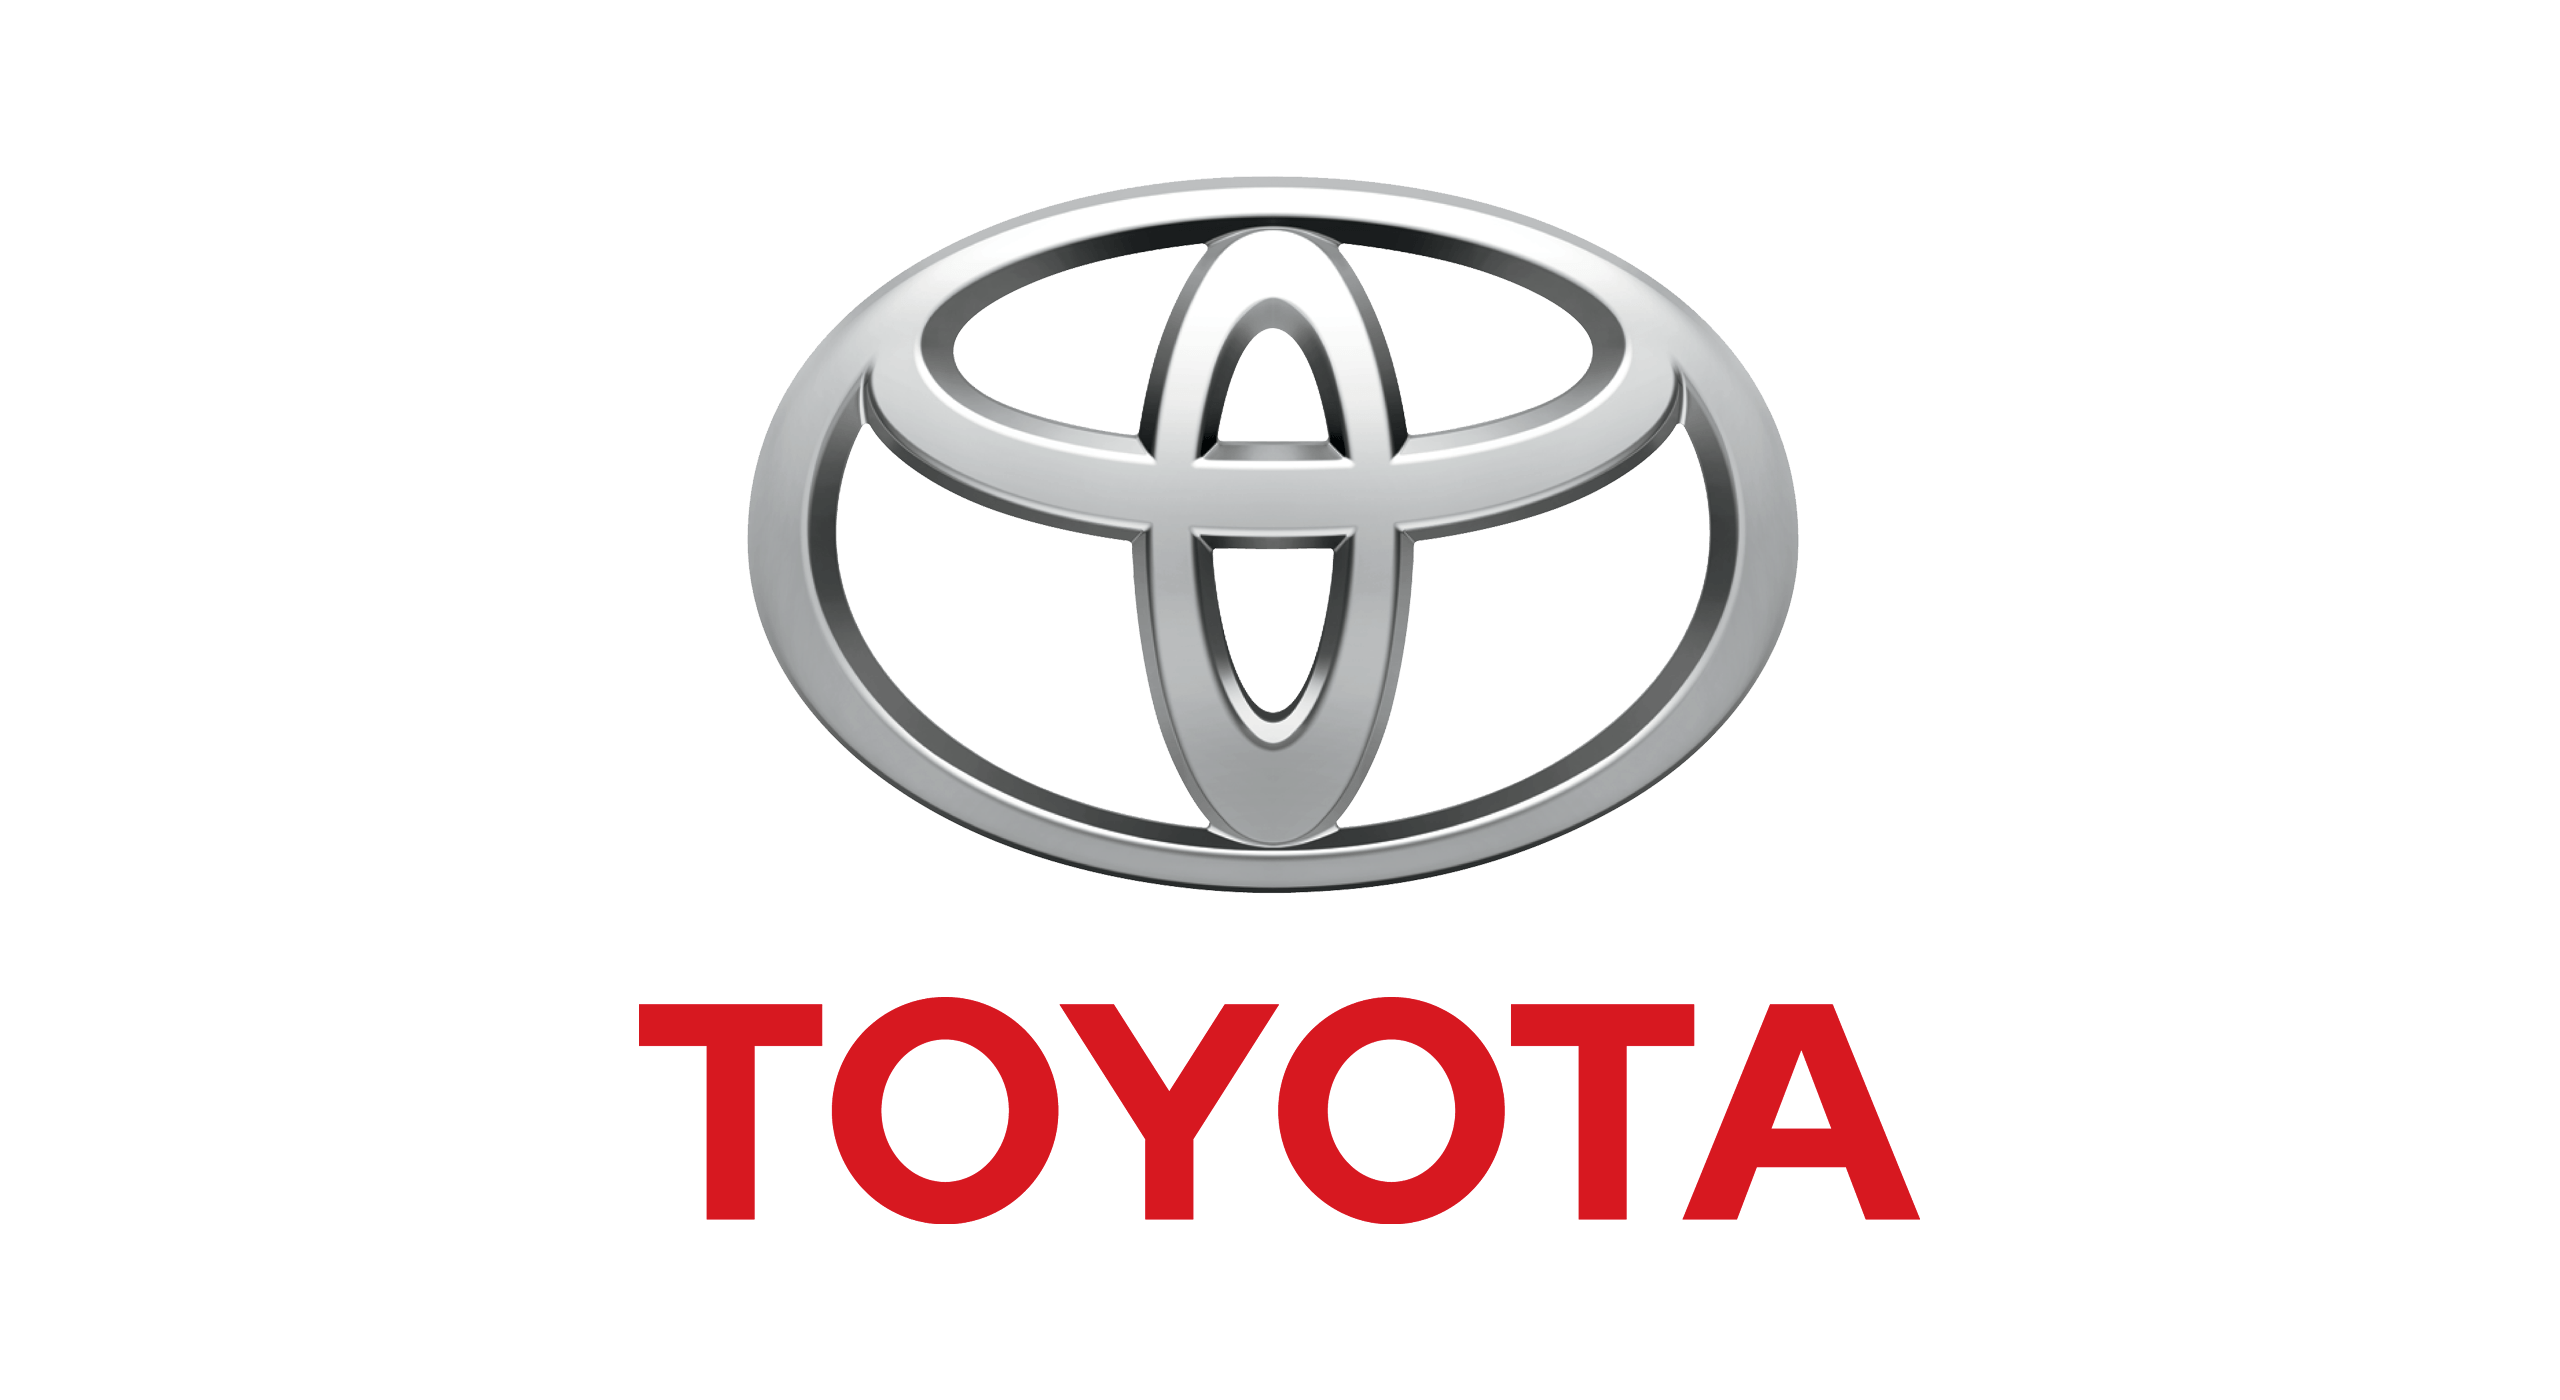 car logo toyota transparent png stickpng